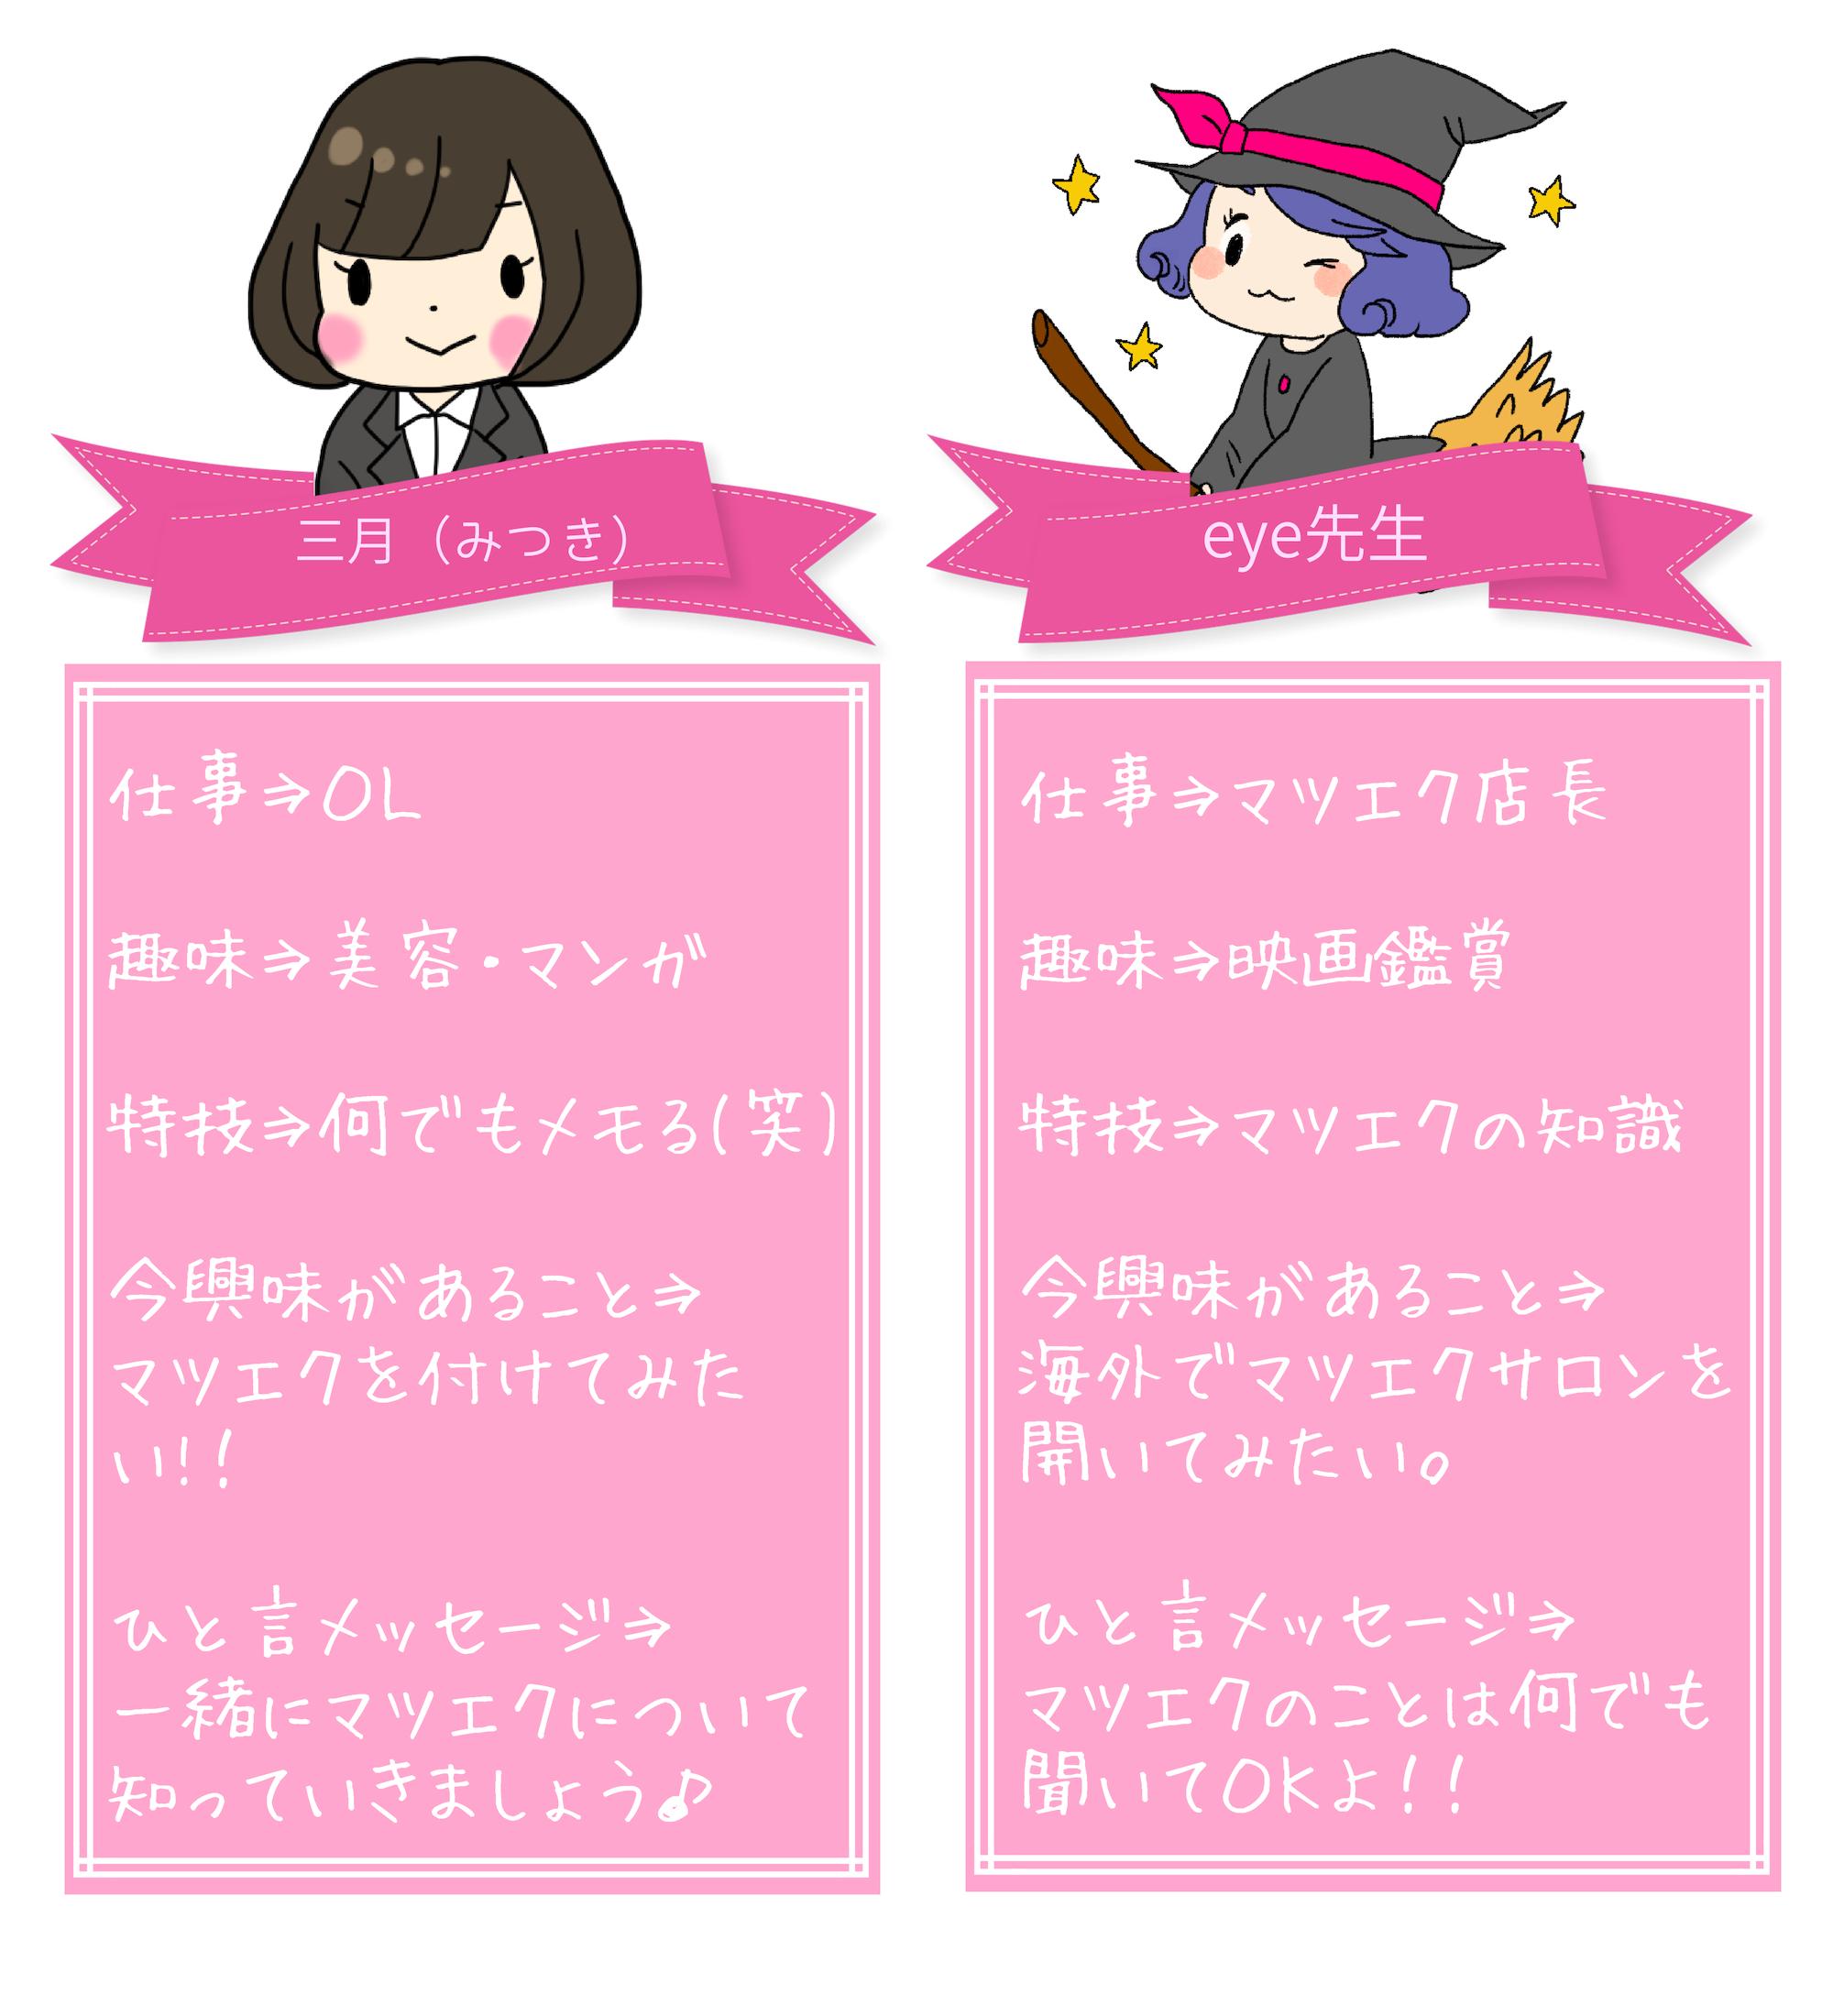 マツエクサイト キャラクター自己紹介